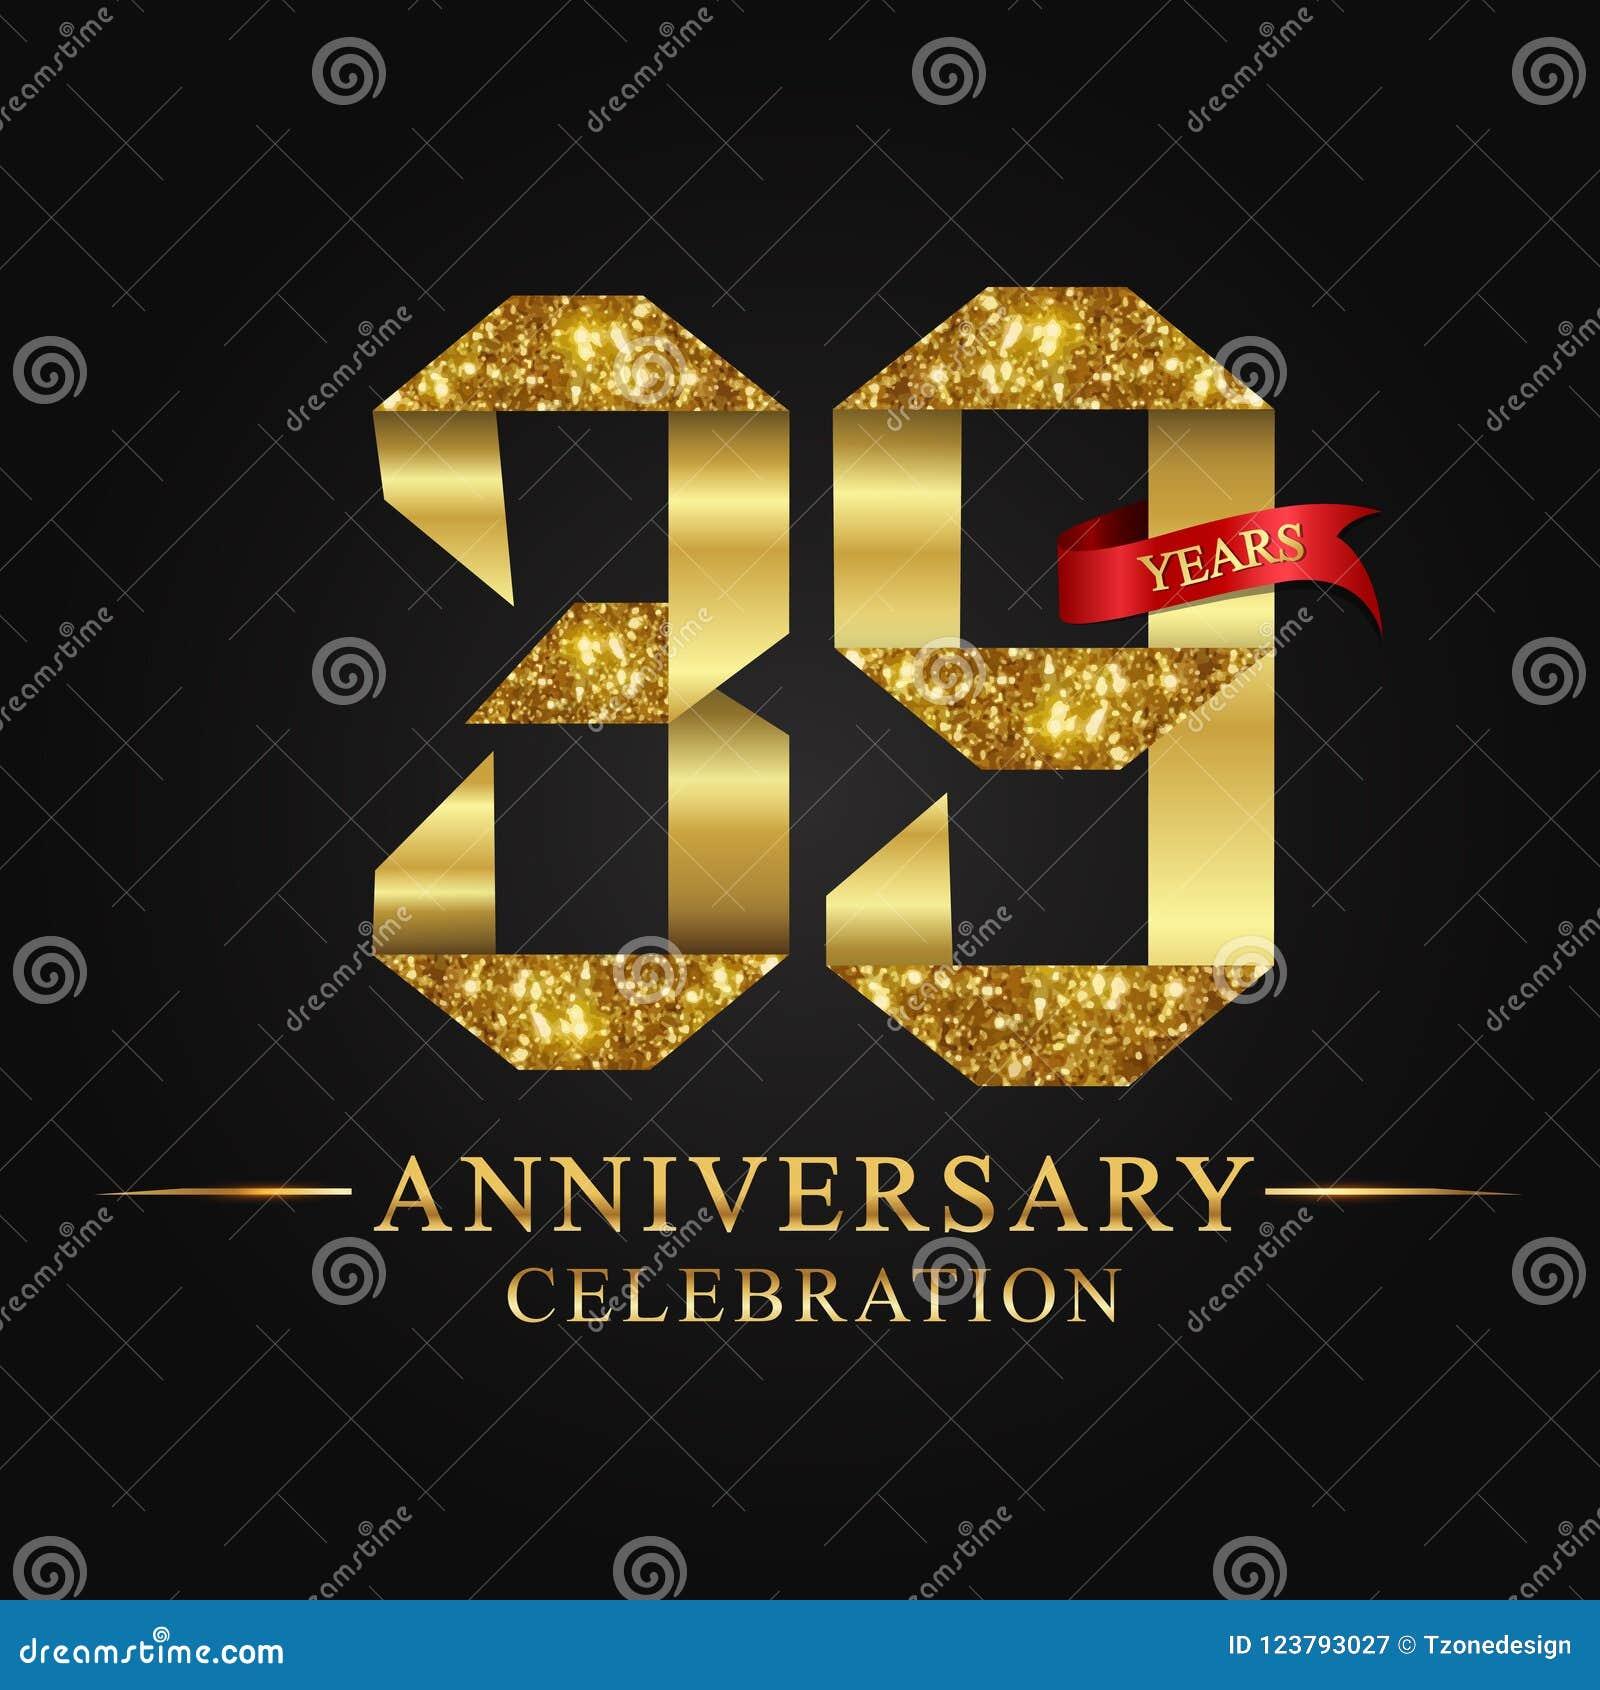 39ος εορτασμός ετών επετείου logotype Χρυσός αριθμός κορδελλών λογότυπων και κόκκινη κορδέλλα στο μαύρο υπόβαθρο